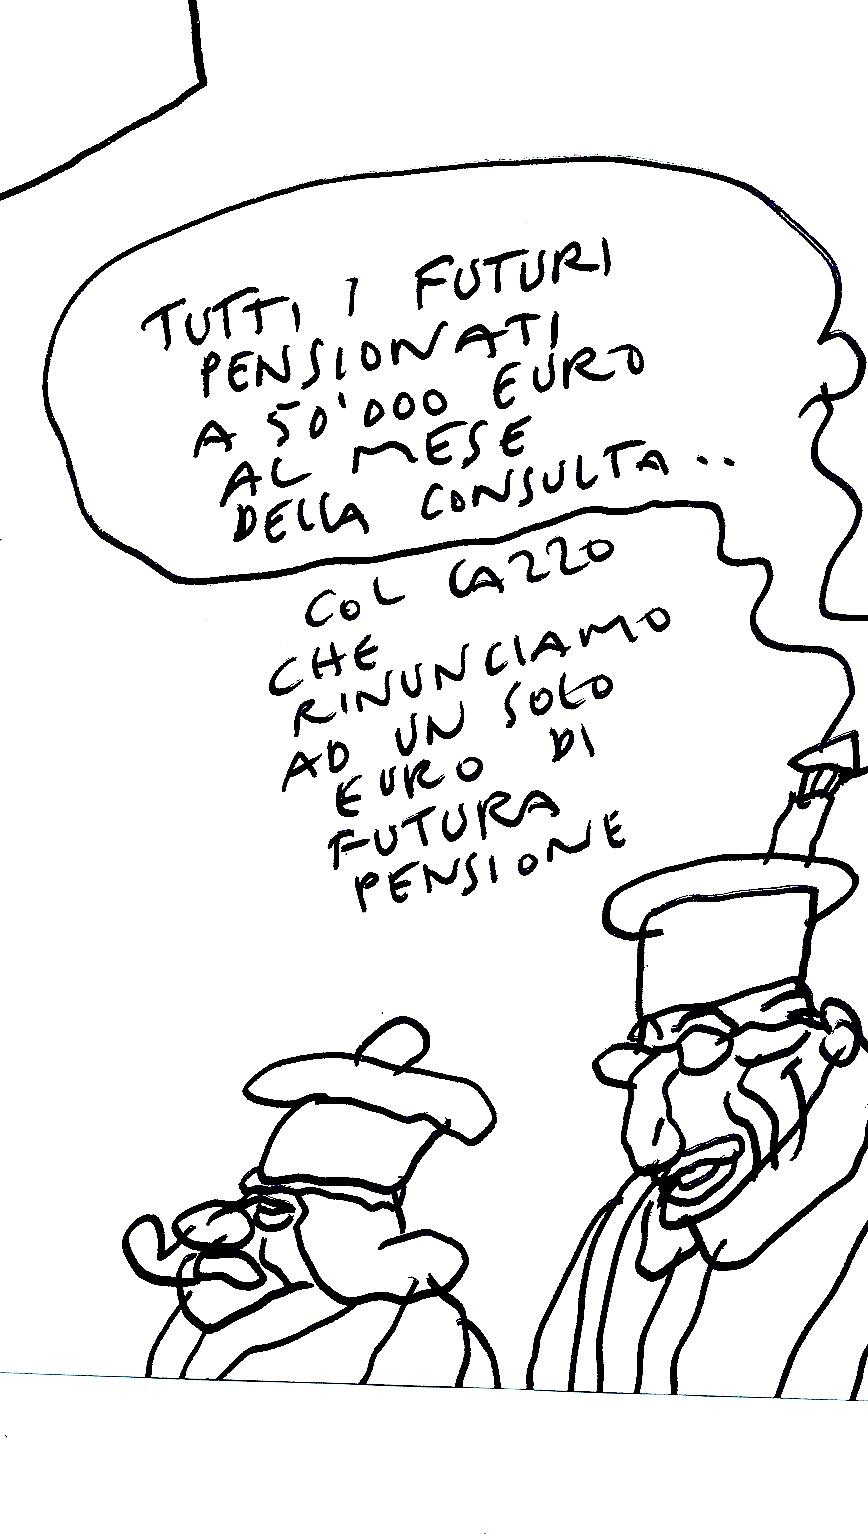 consulta mega pension